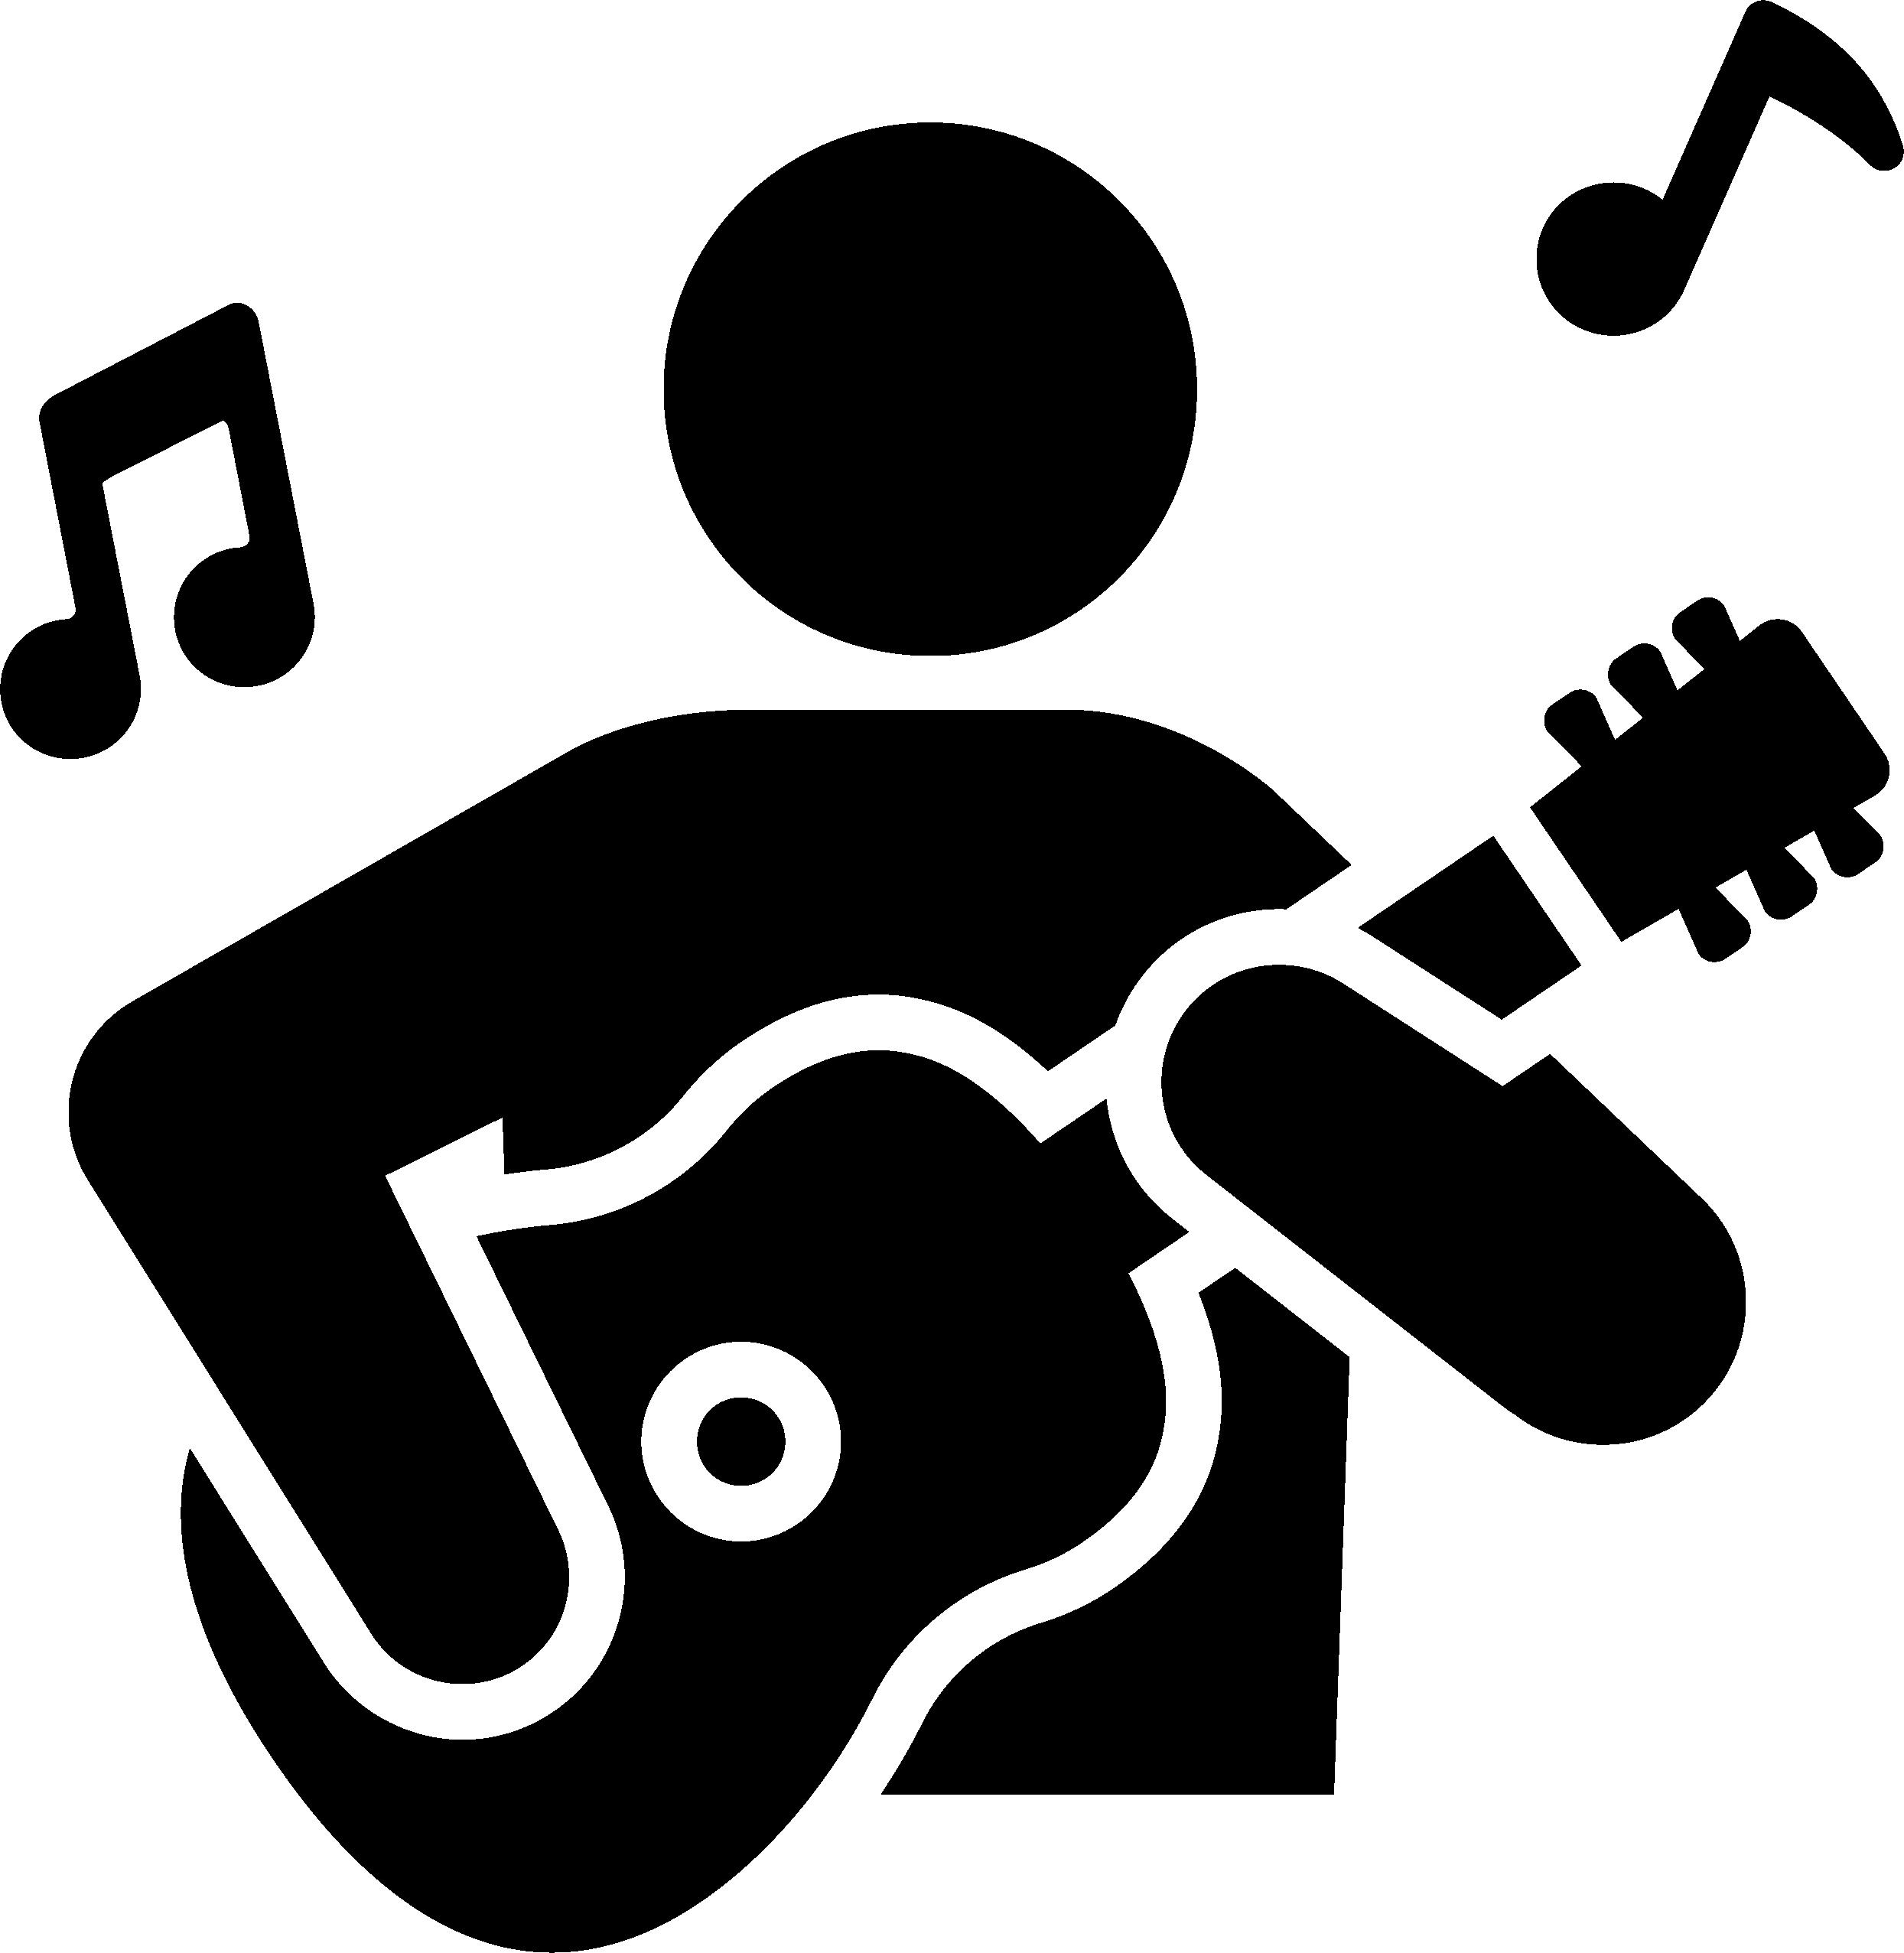 あなたのためにオリジナル曲制作の画像